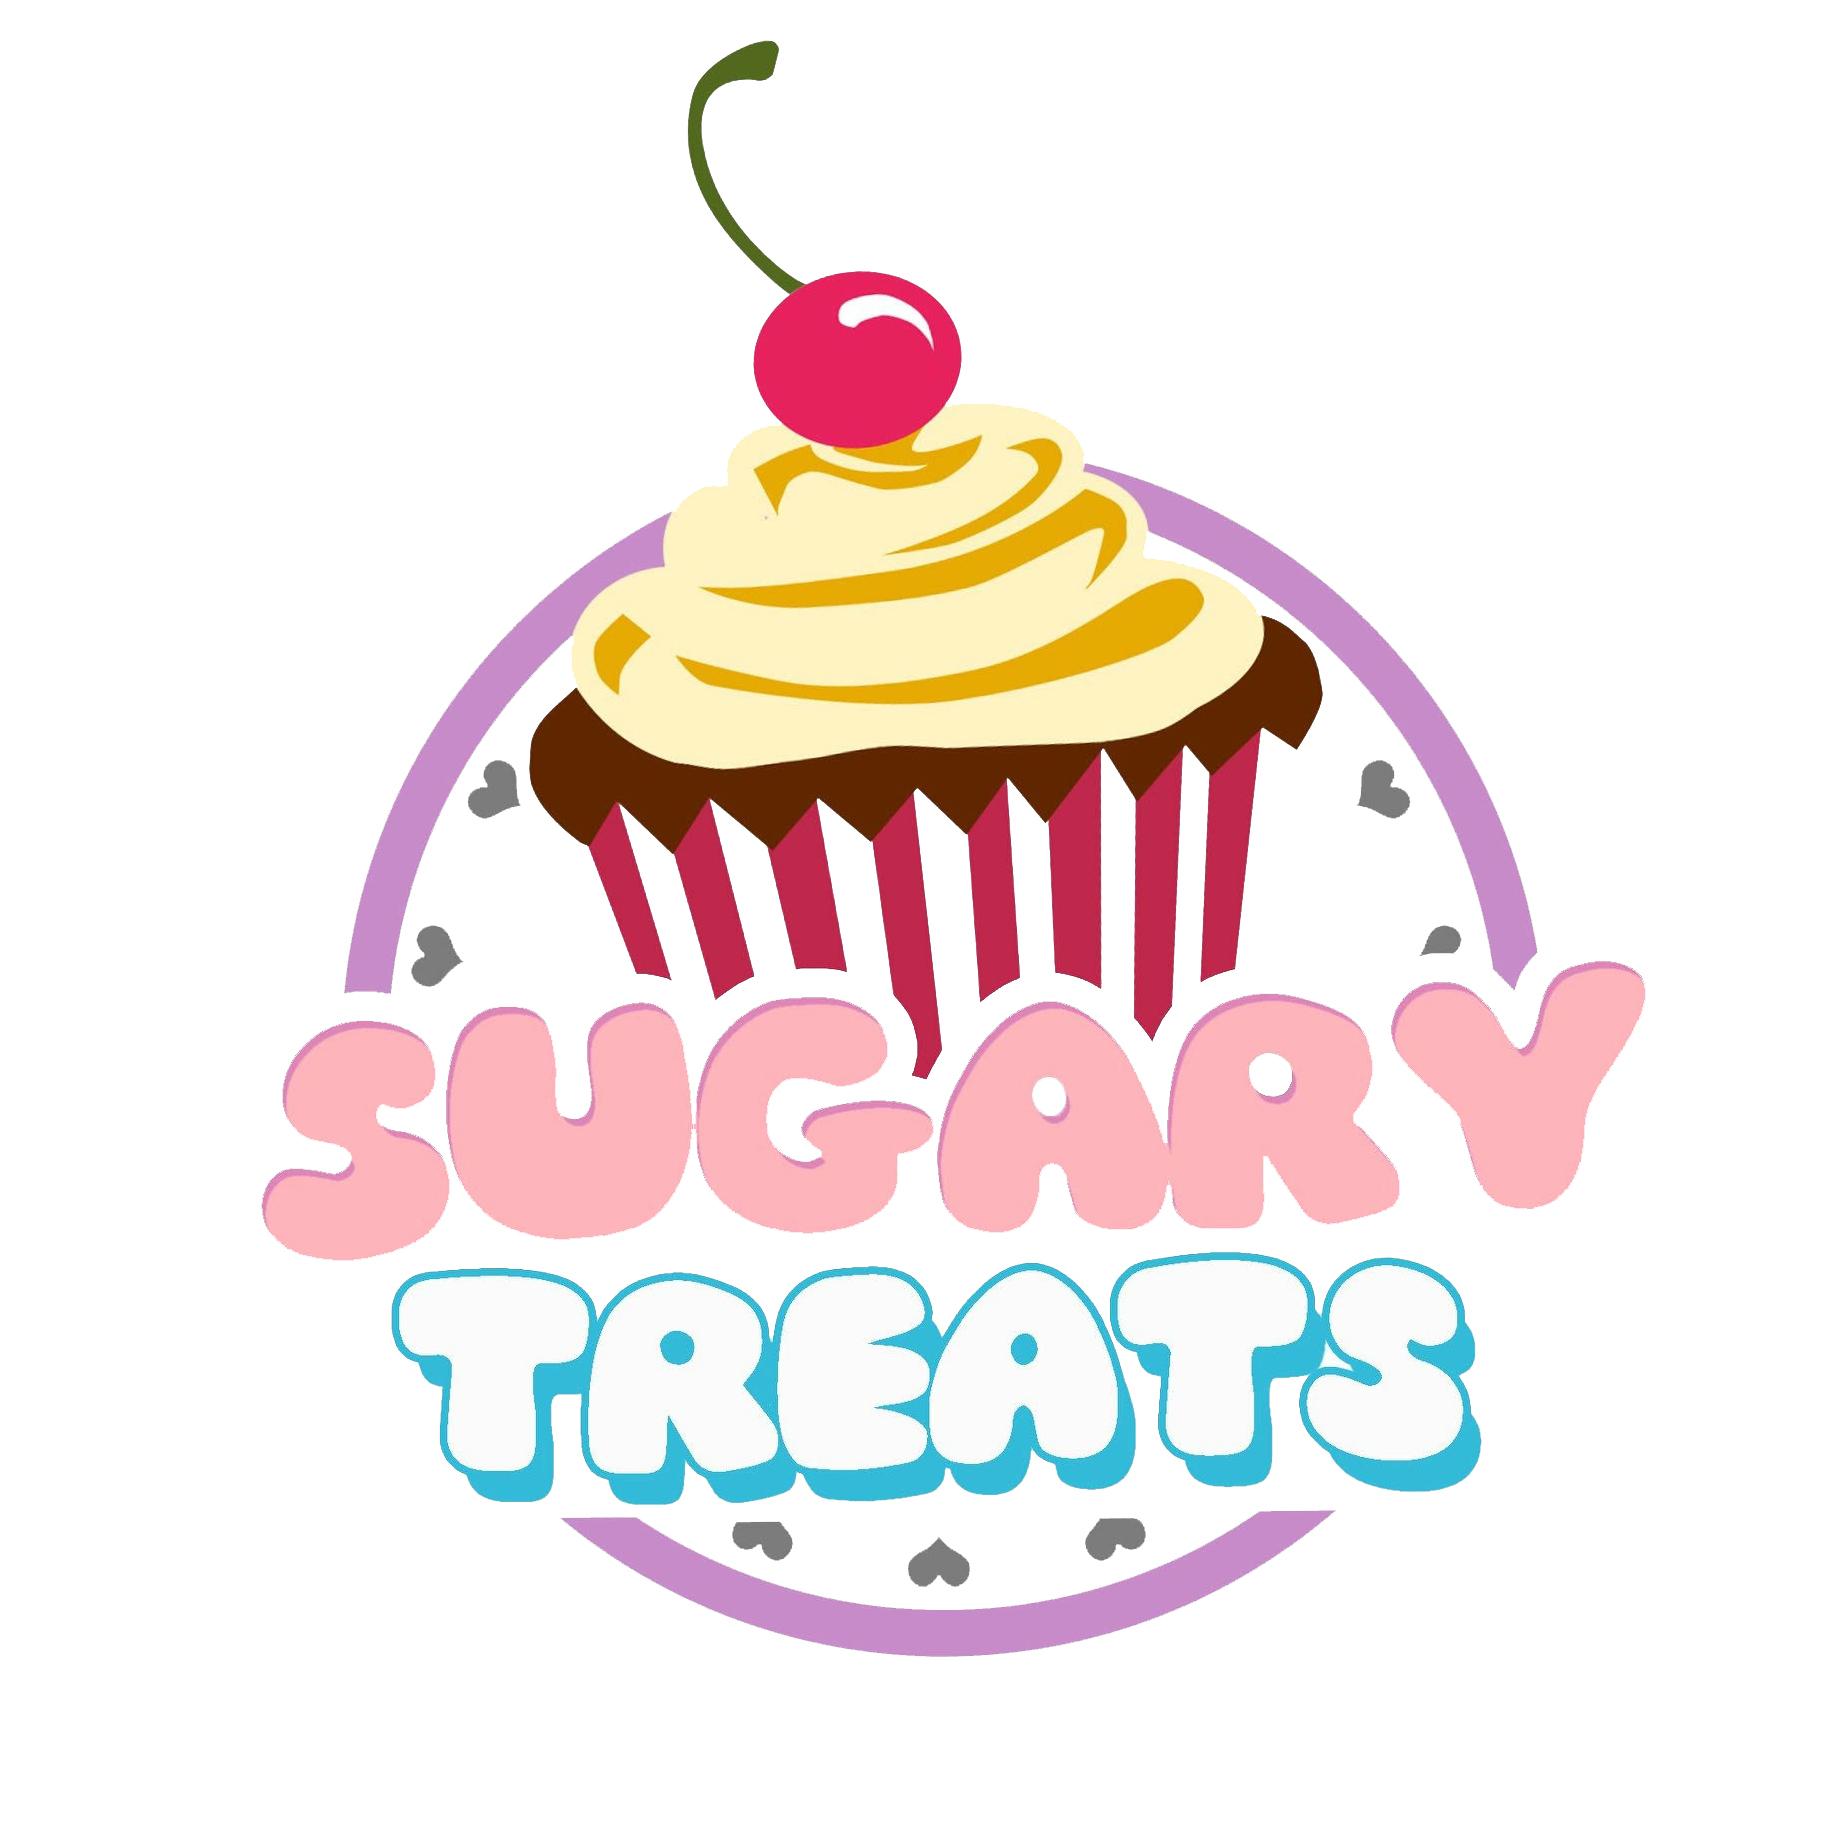 Sugary Treats